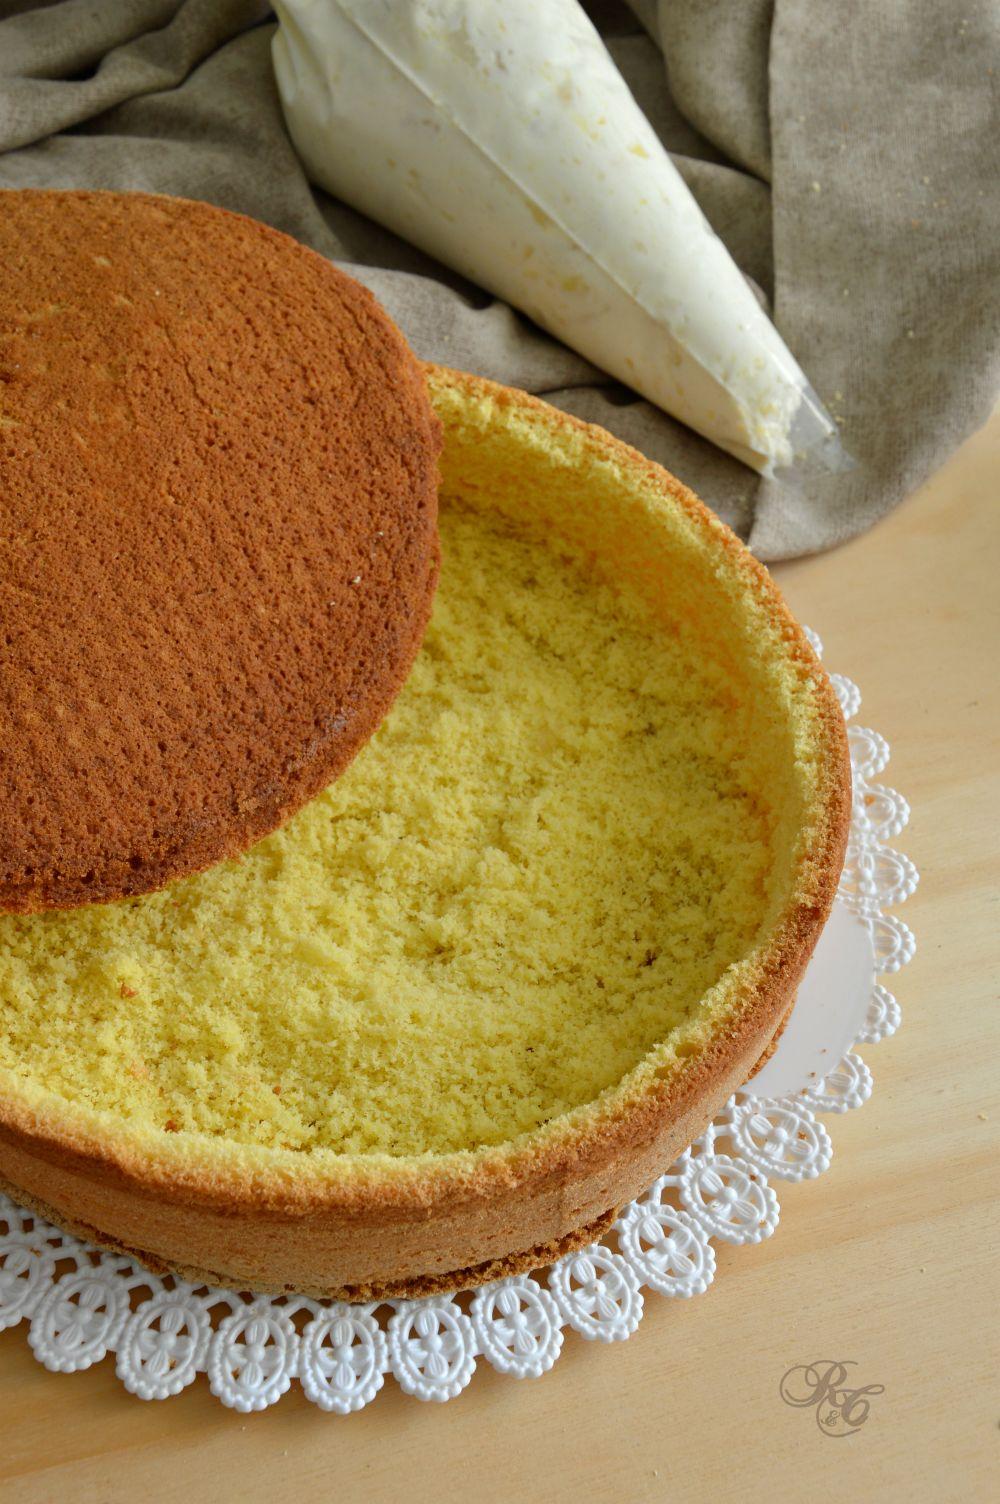 Come Tagliare E Farcire Perfettamente Il Pan Di Spagna Rafano E Cannella Oreo Dessert Ricette Dolci Ricette